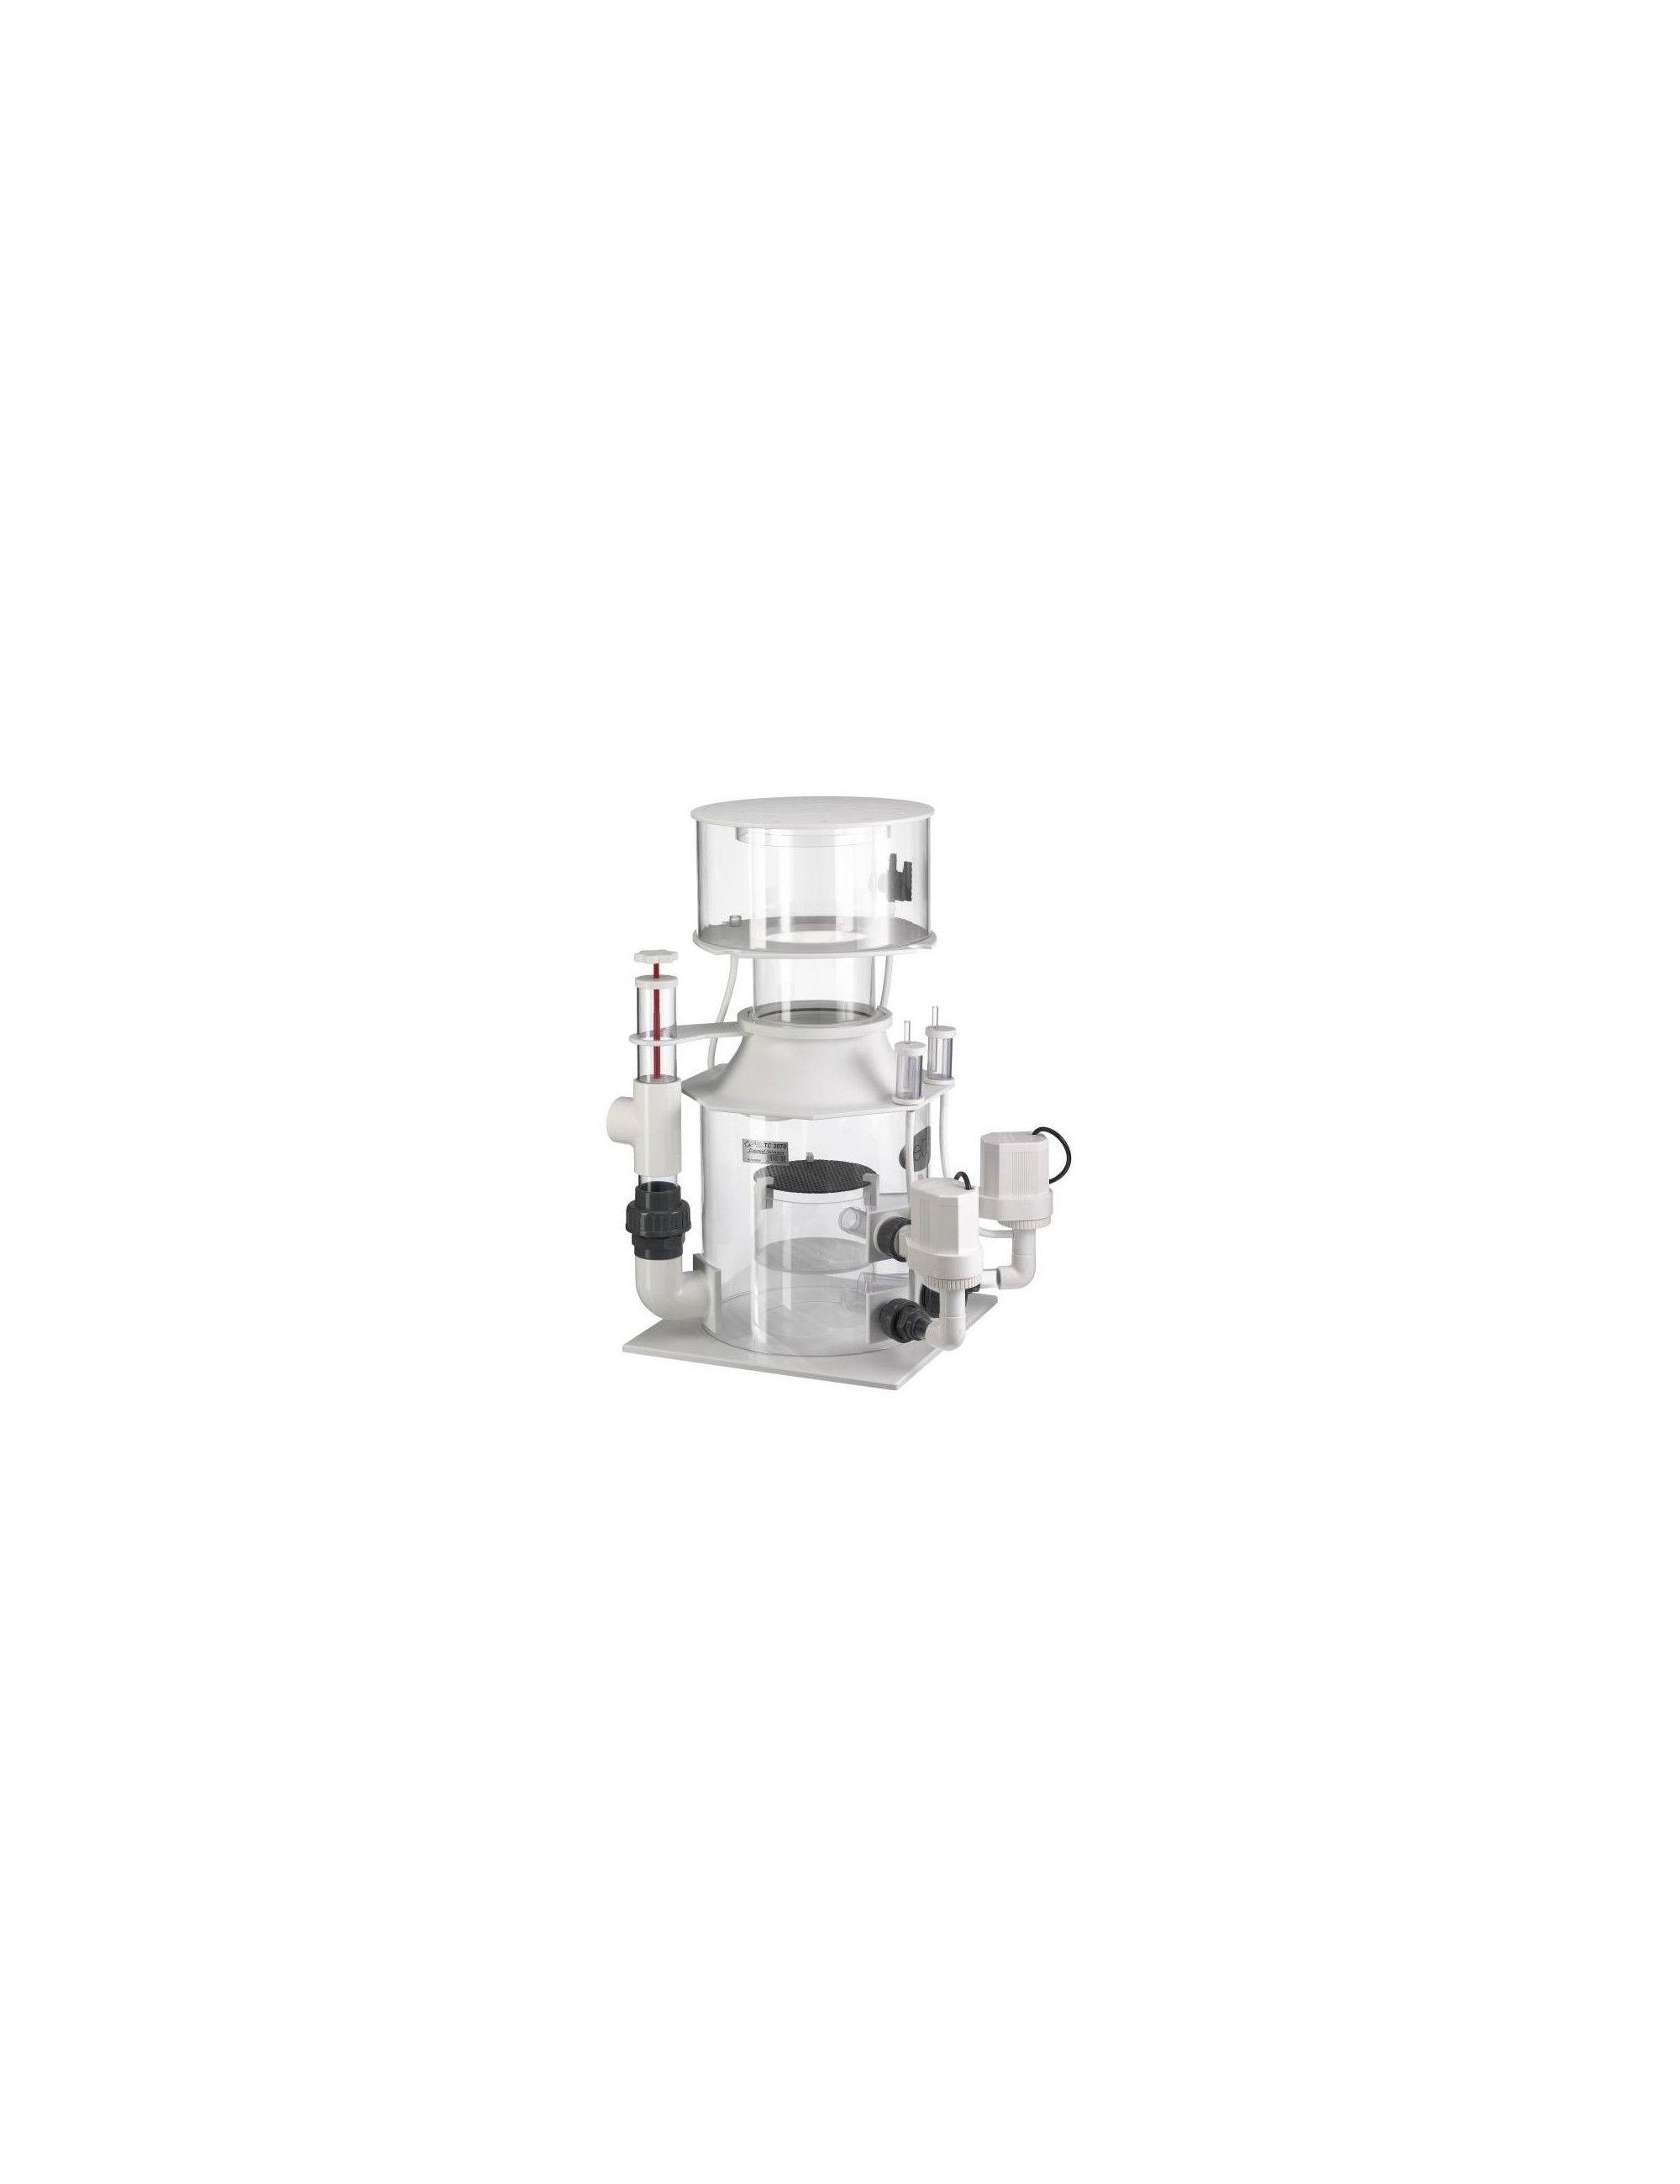 DELTEC - Ecumeur SC4581 + contrôleur pour aquarium de 10000 à 13000 litres.